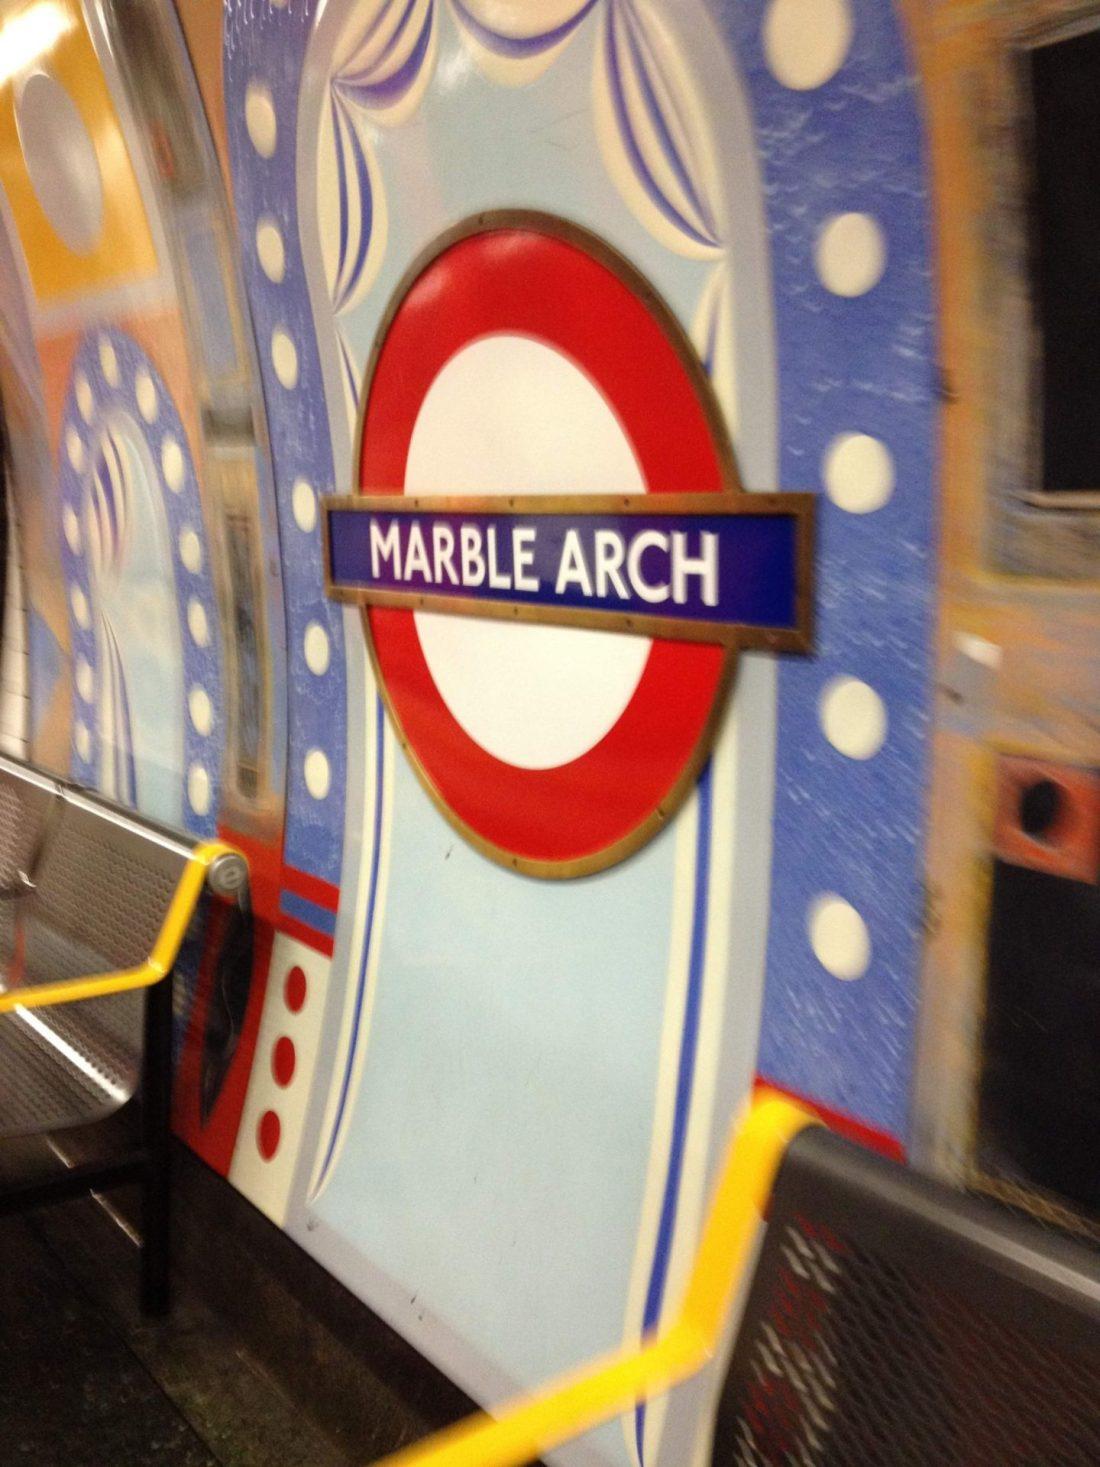 Marble Arch Underground Station, London